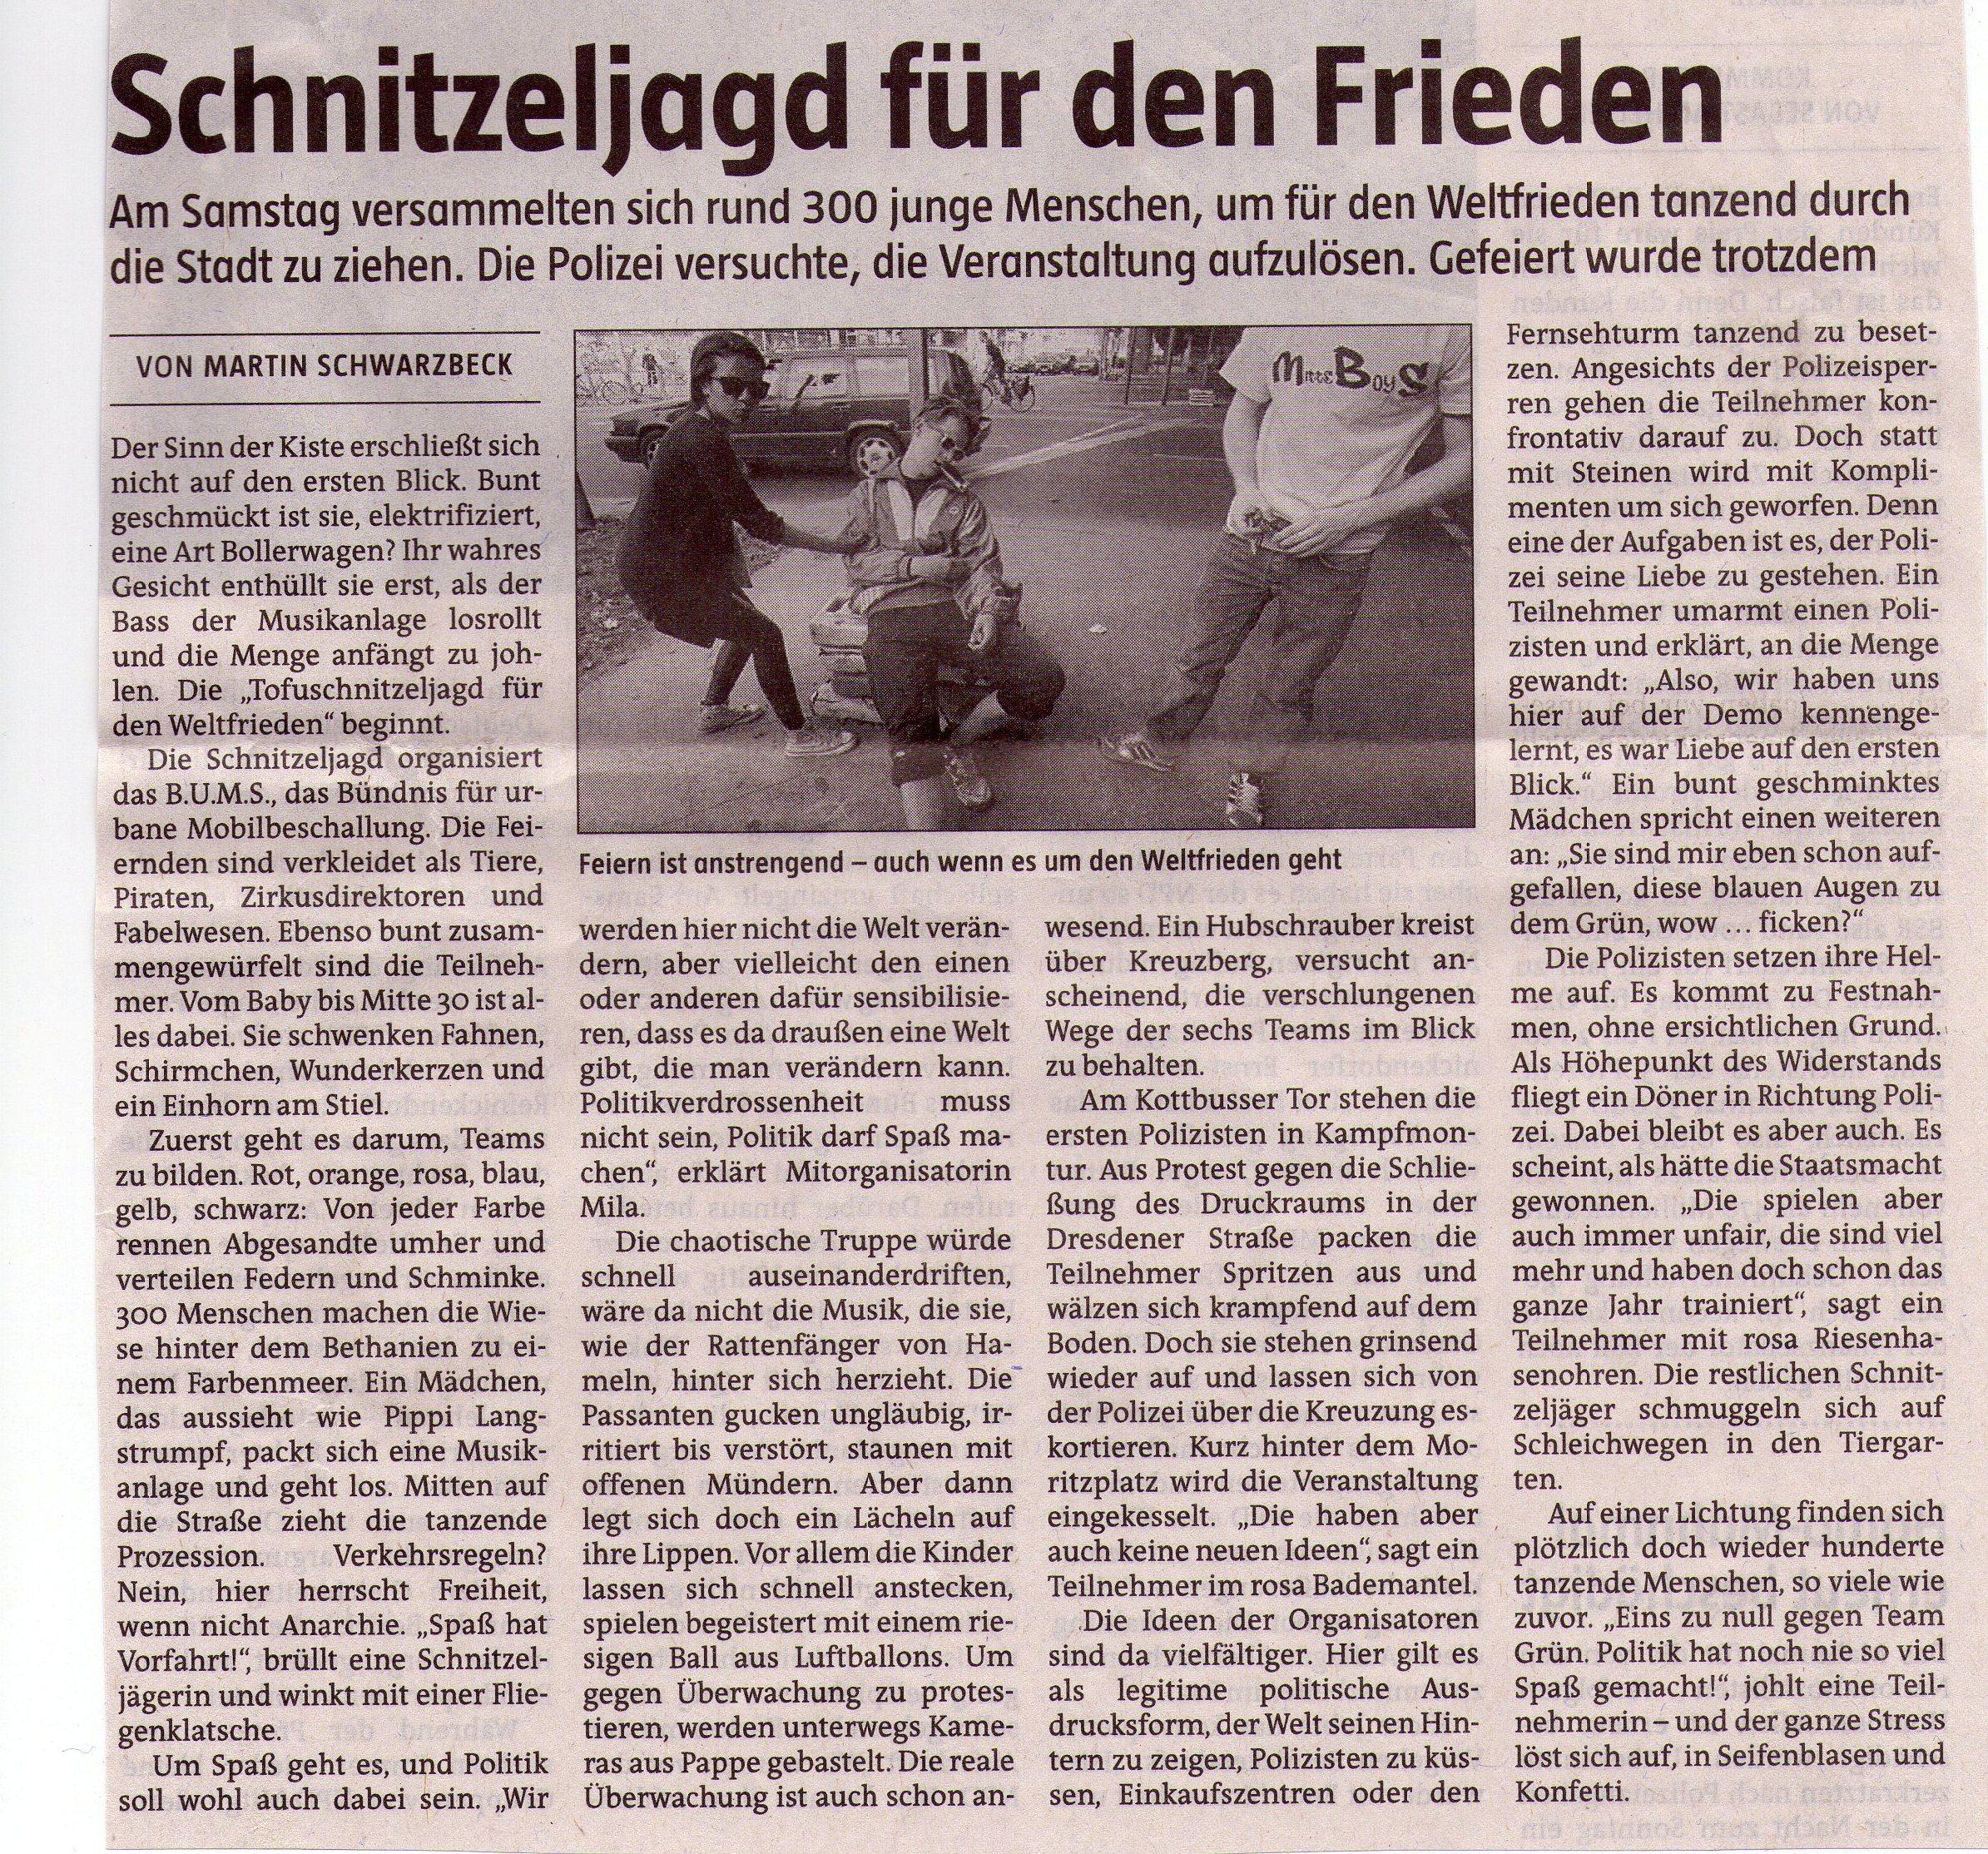 Scan aus der taz vom 7.4.2009, Schnitzeljagd in Berlin für den Weltfrieden.